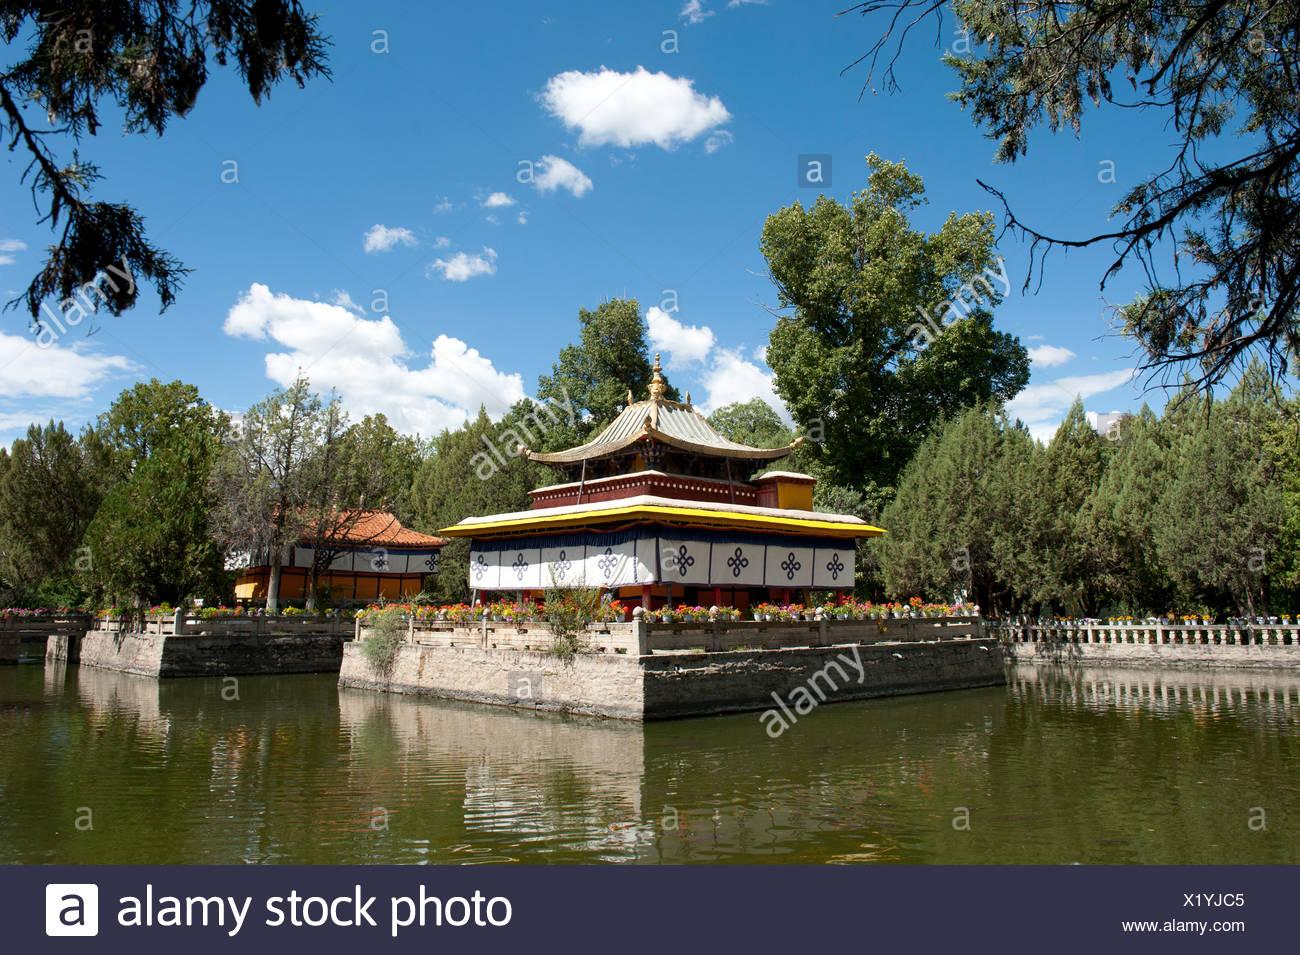 El budismo tibetano, el templo en el lago en el parque de Norbulingka, residencia de verano del Dalai Lama, Lhasa, Ue-Tsang Imagen De Stock